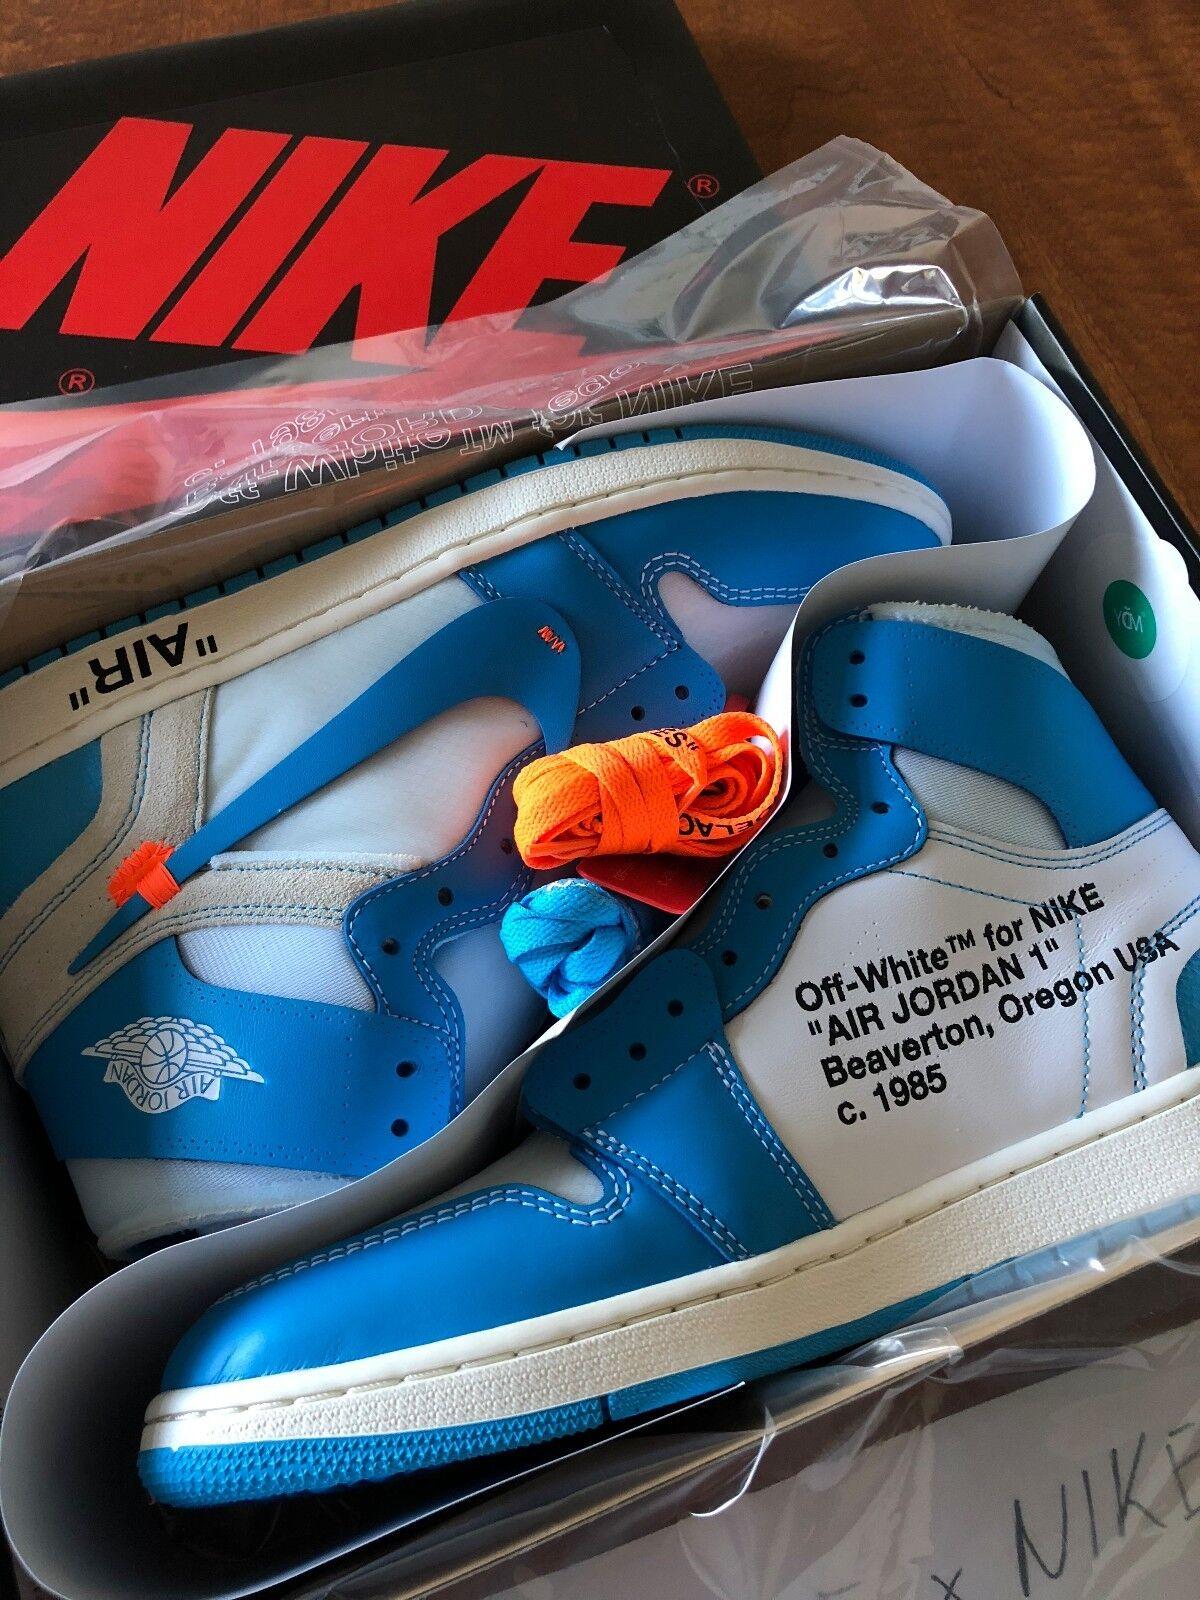 NIKE OFF WHITE x Air Jordan 1 Retro High